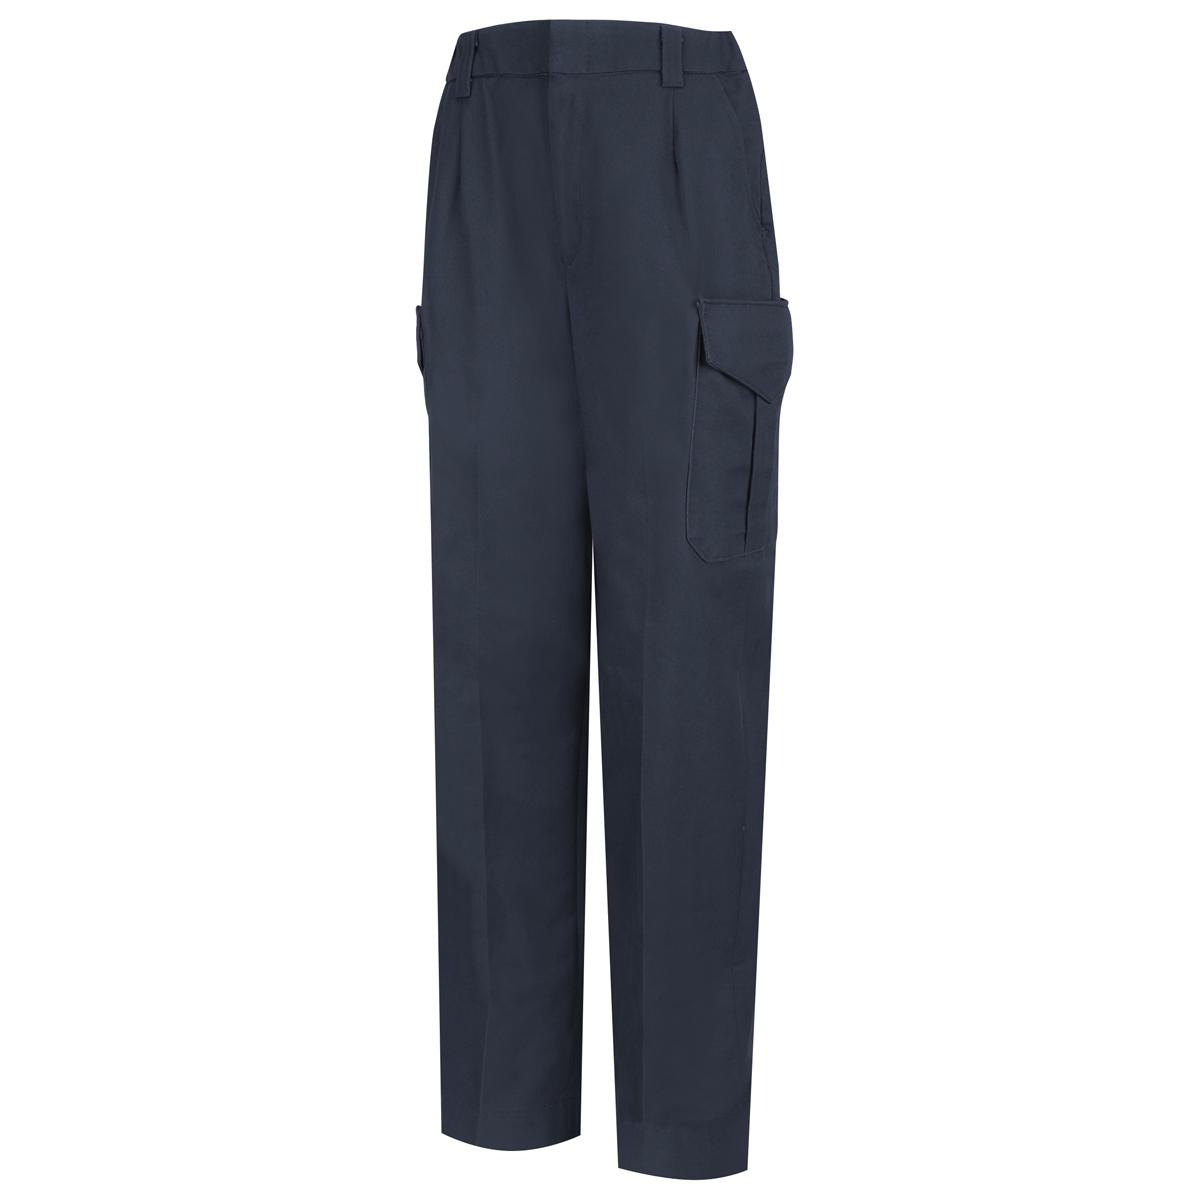 Unique  Com  Hiking  Pinterest  For Women Women39s Pants And Pants